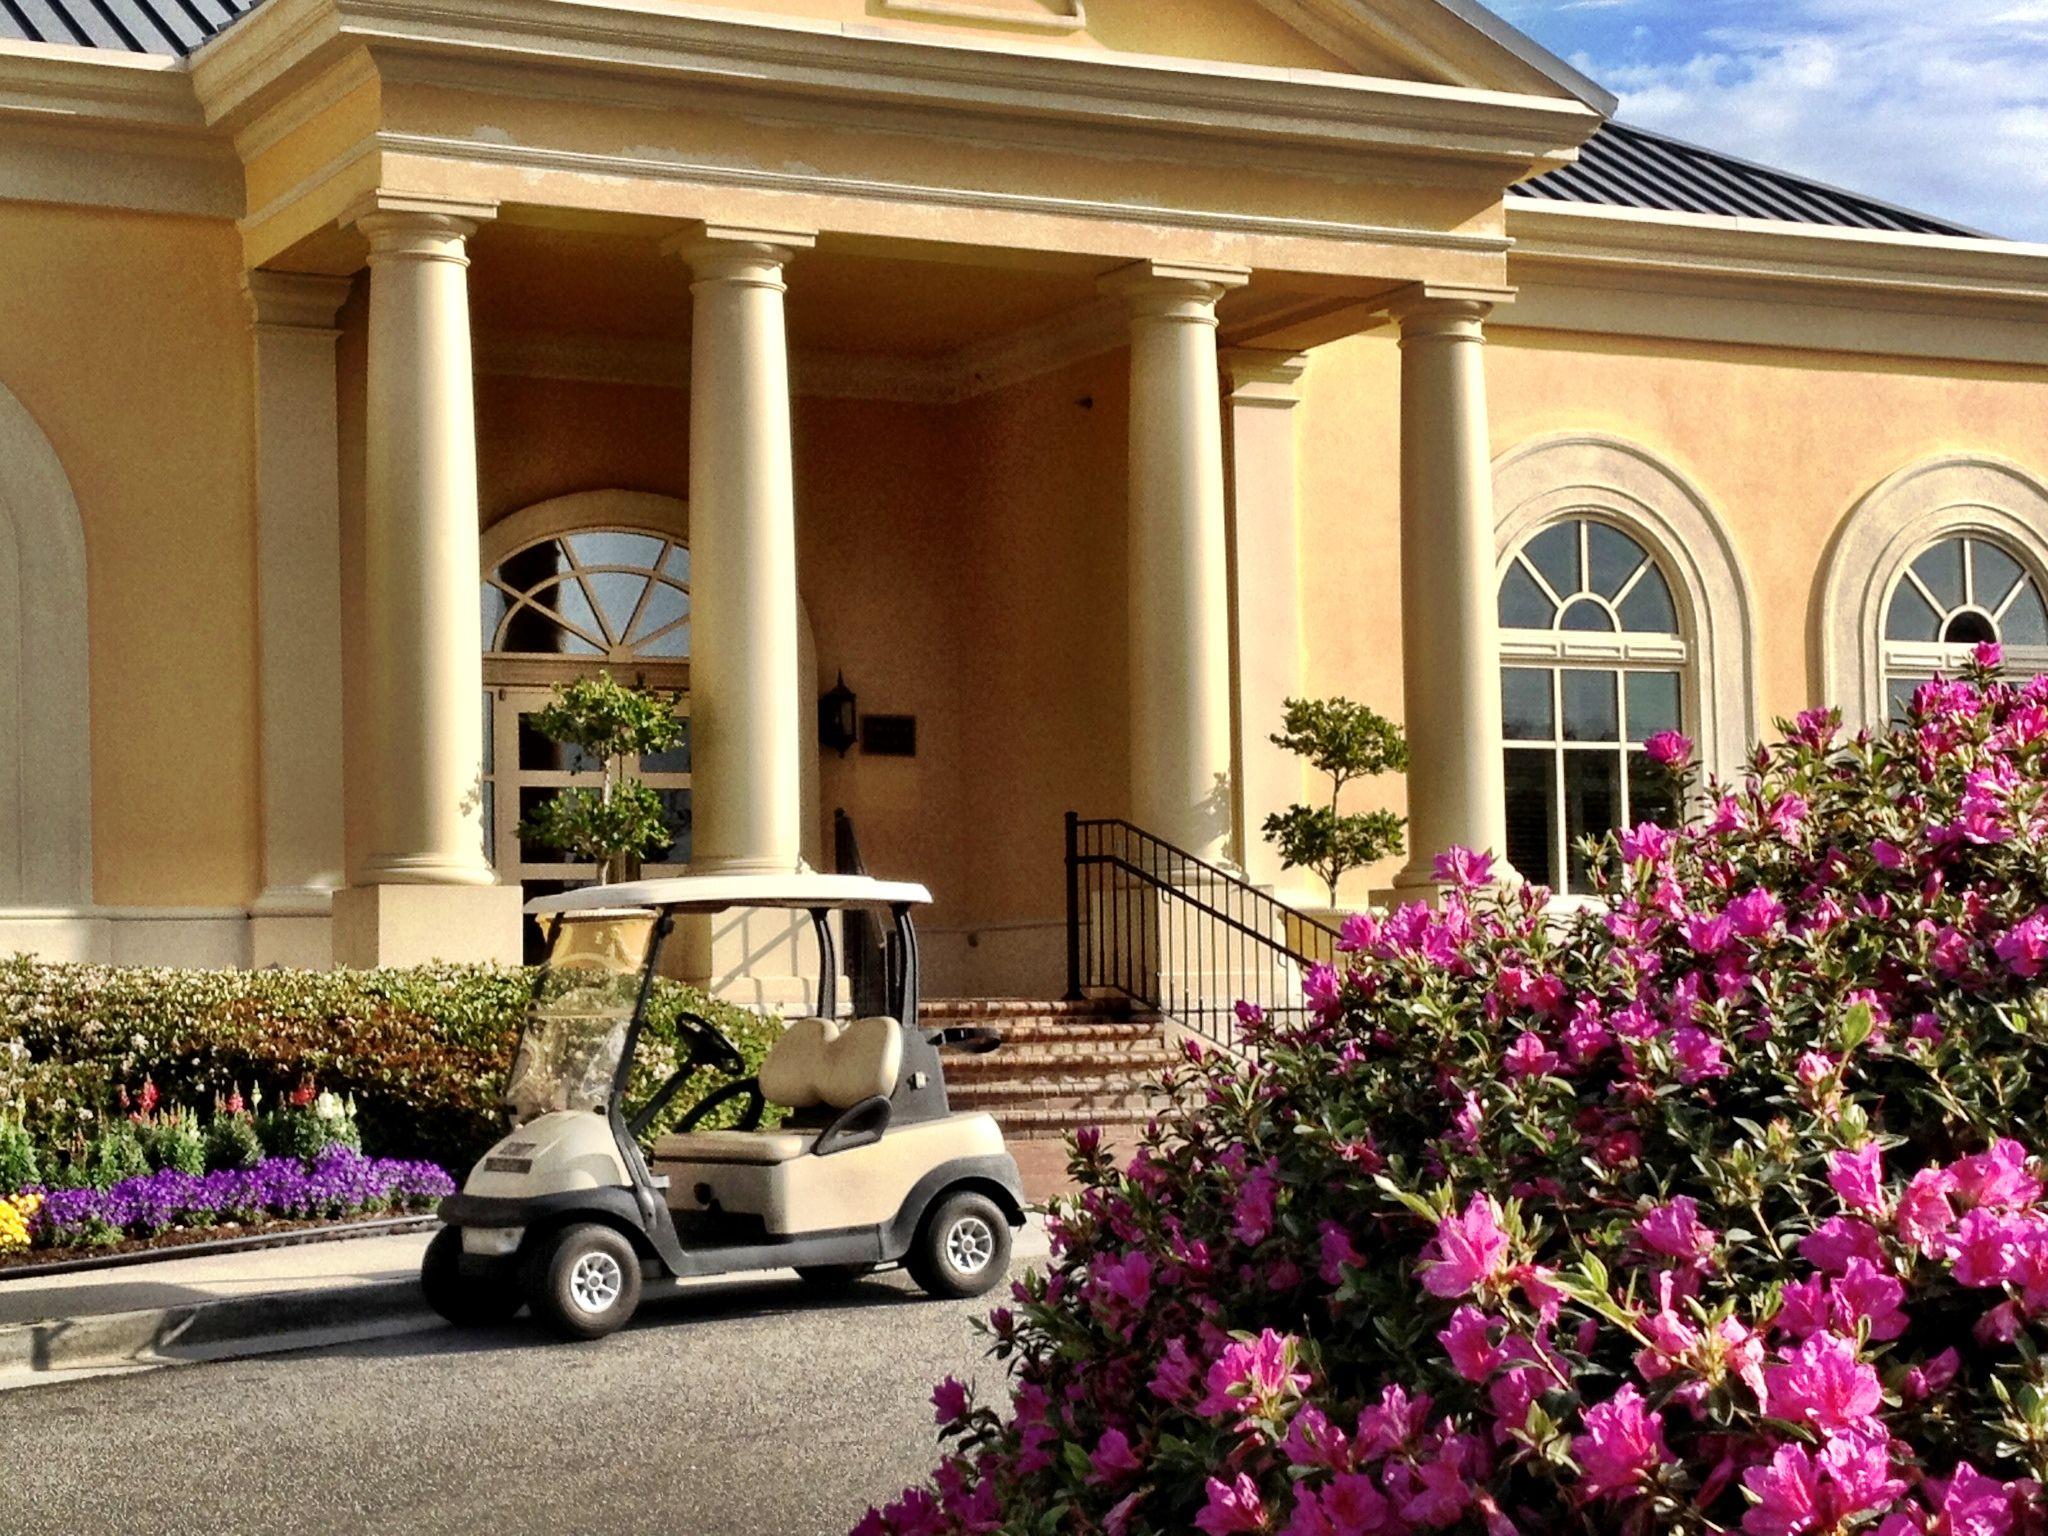 Golfing at The Club at Savannah Harbor